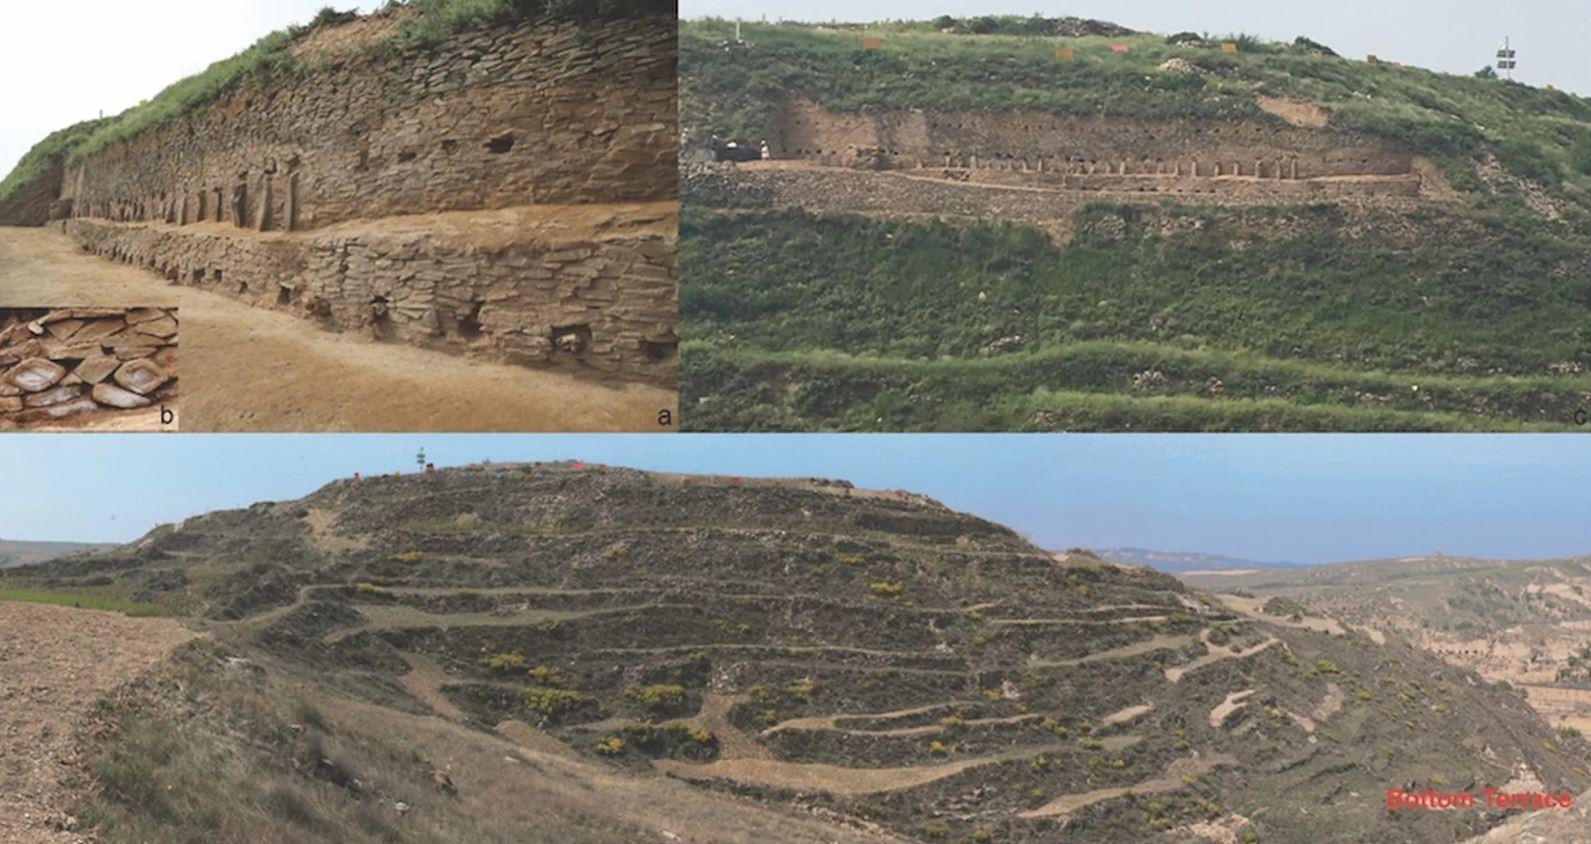 Esta figura mostra imagens da pirâmide de degraus. a) parte dos muros de pedra do segundo e terceiro degraus da pirâmide; b) símbolos dos olhos que decoram a pirâmide c) uma vista dos muros sob escavação; d) uma visão geral da pirâmide antes da escavação. (Foto: Zhouyong Sun and Jing Shao)